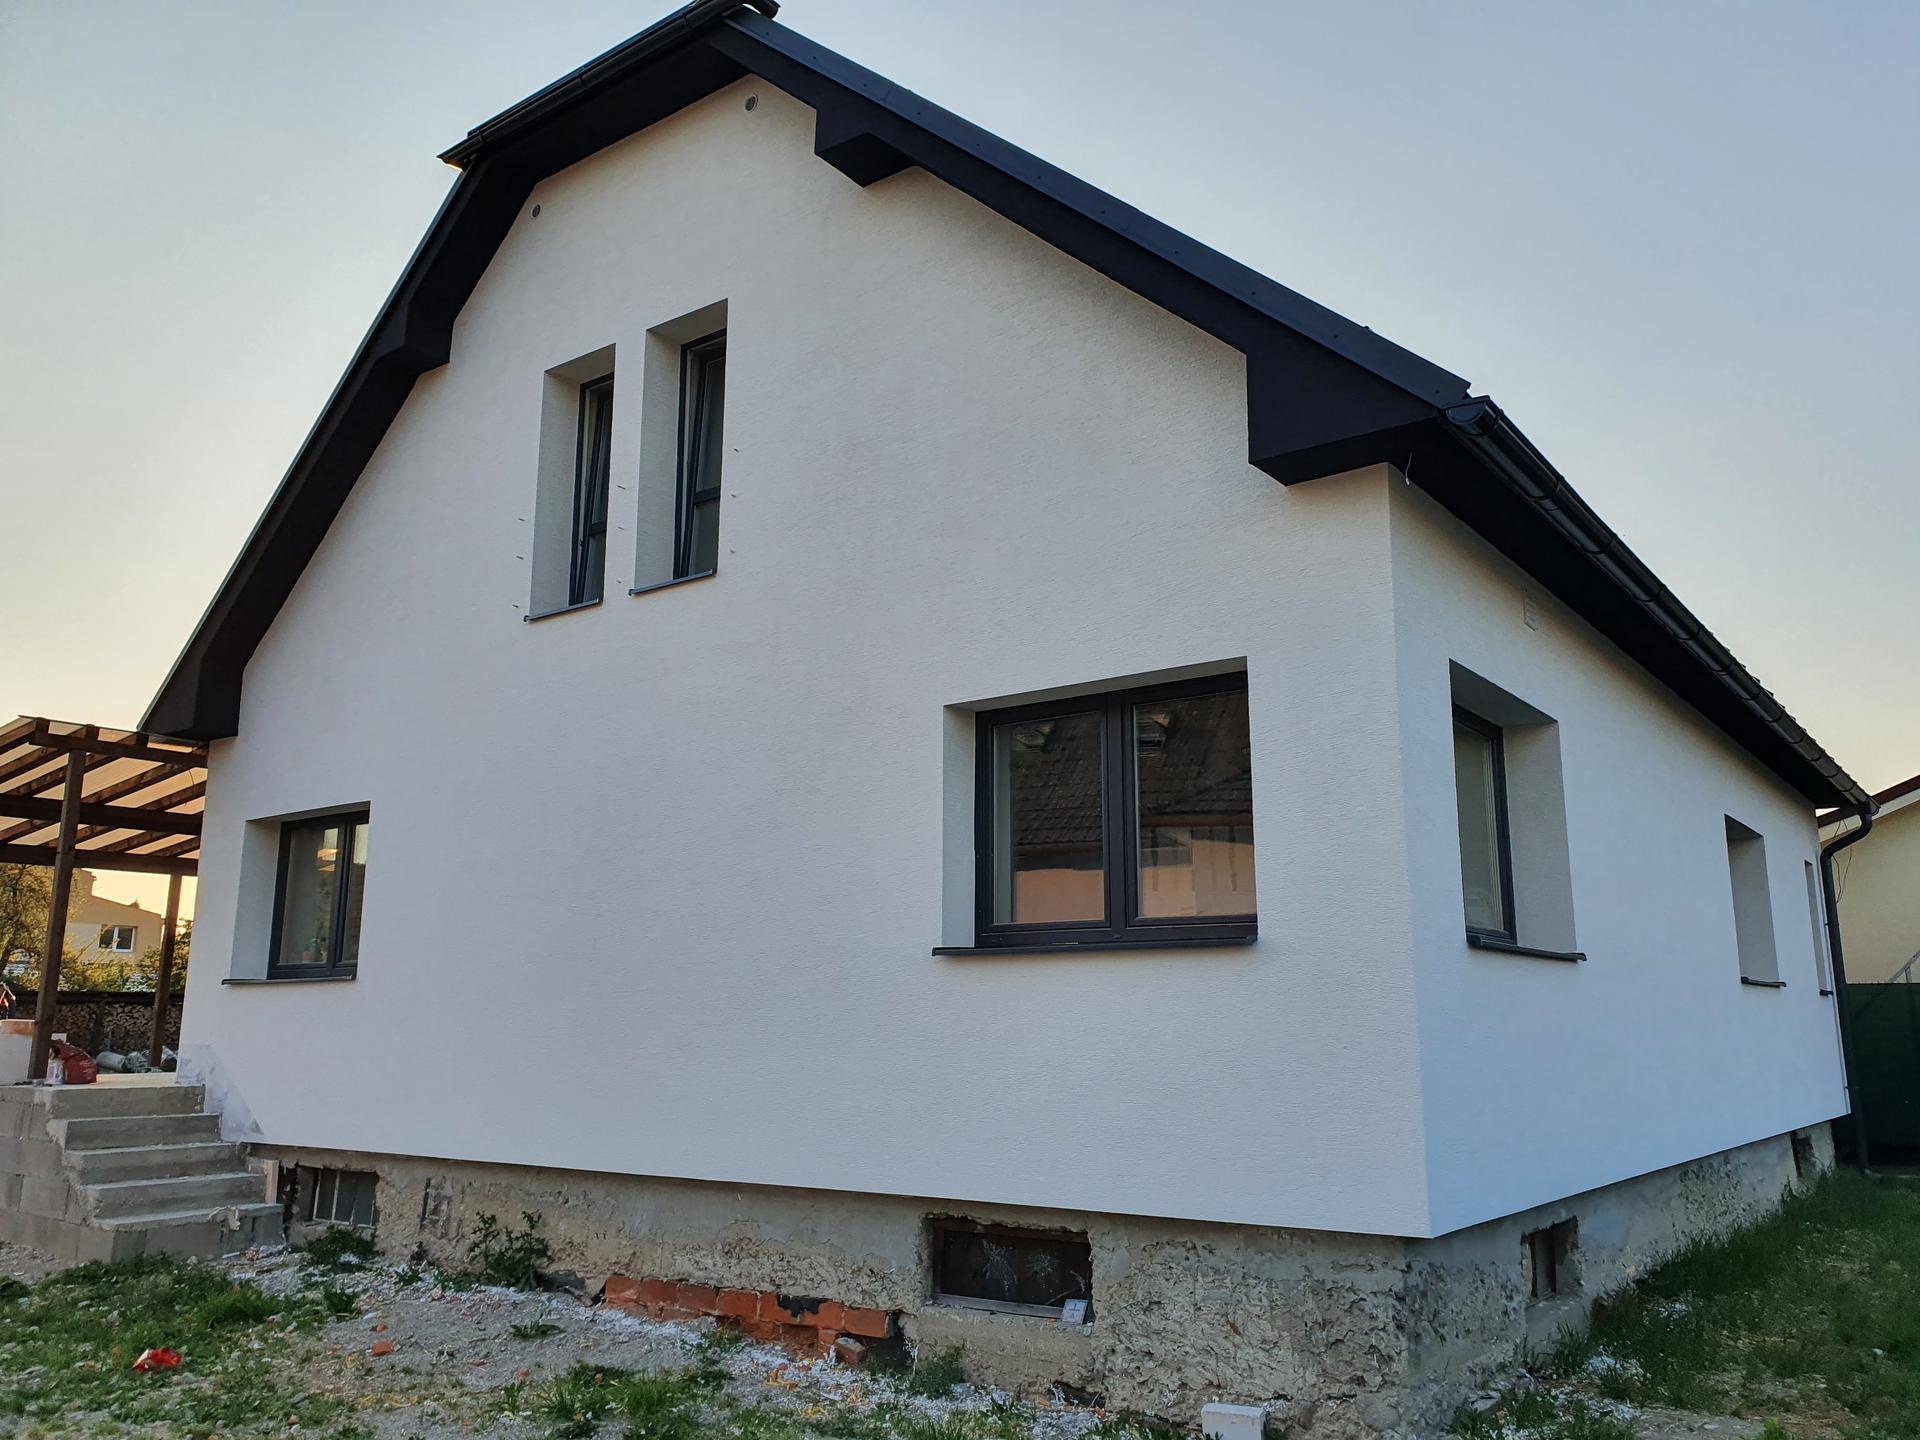 Rekonštrukcia domu-alebo chceme si splniť sen =》🏠🌻🌼🐶  mat domcek a vratit sa na Slovensko - Obrázok č. 774